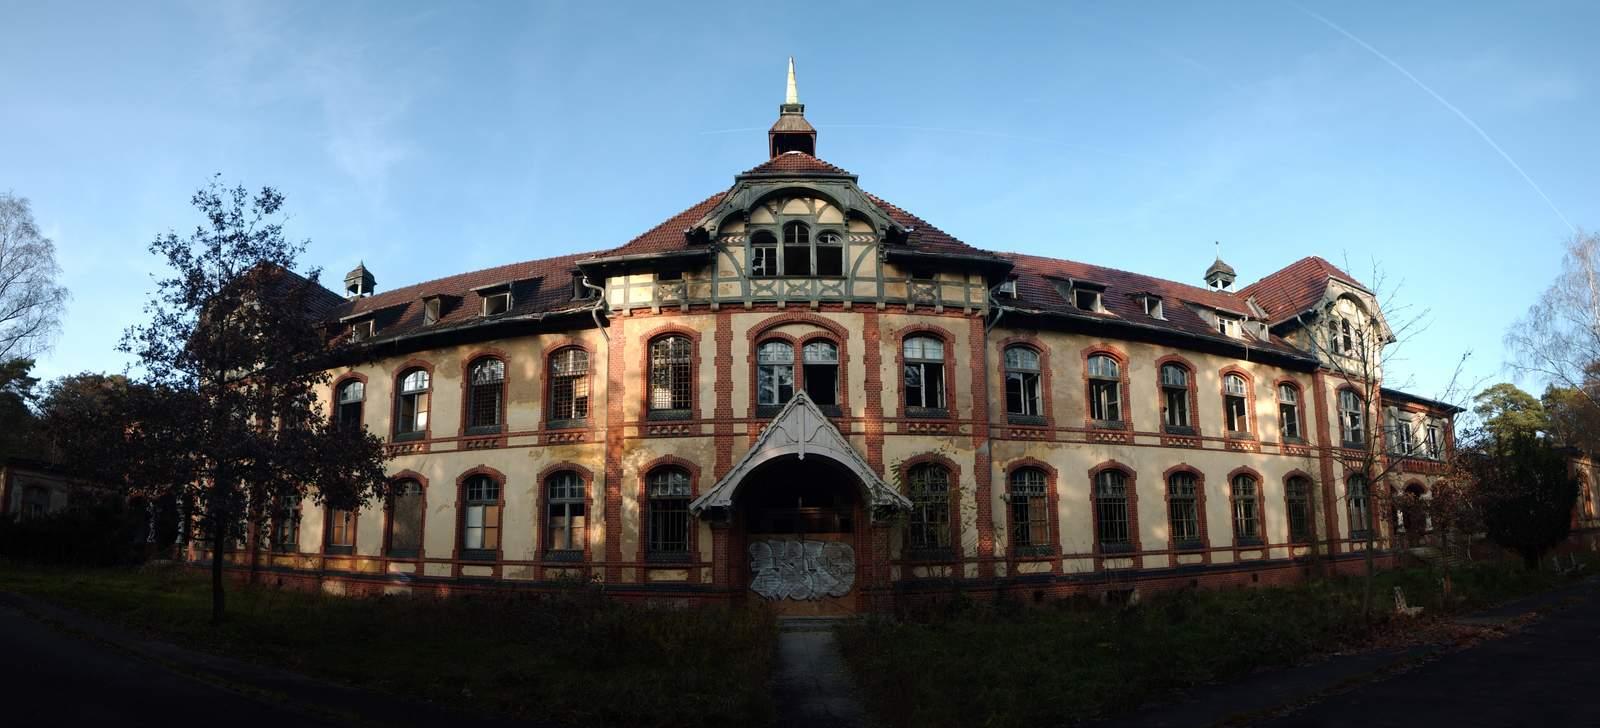 beelitz heilstatten17 Abandoned Beelitz Heilstatten Hospital